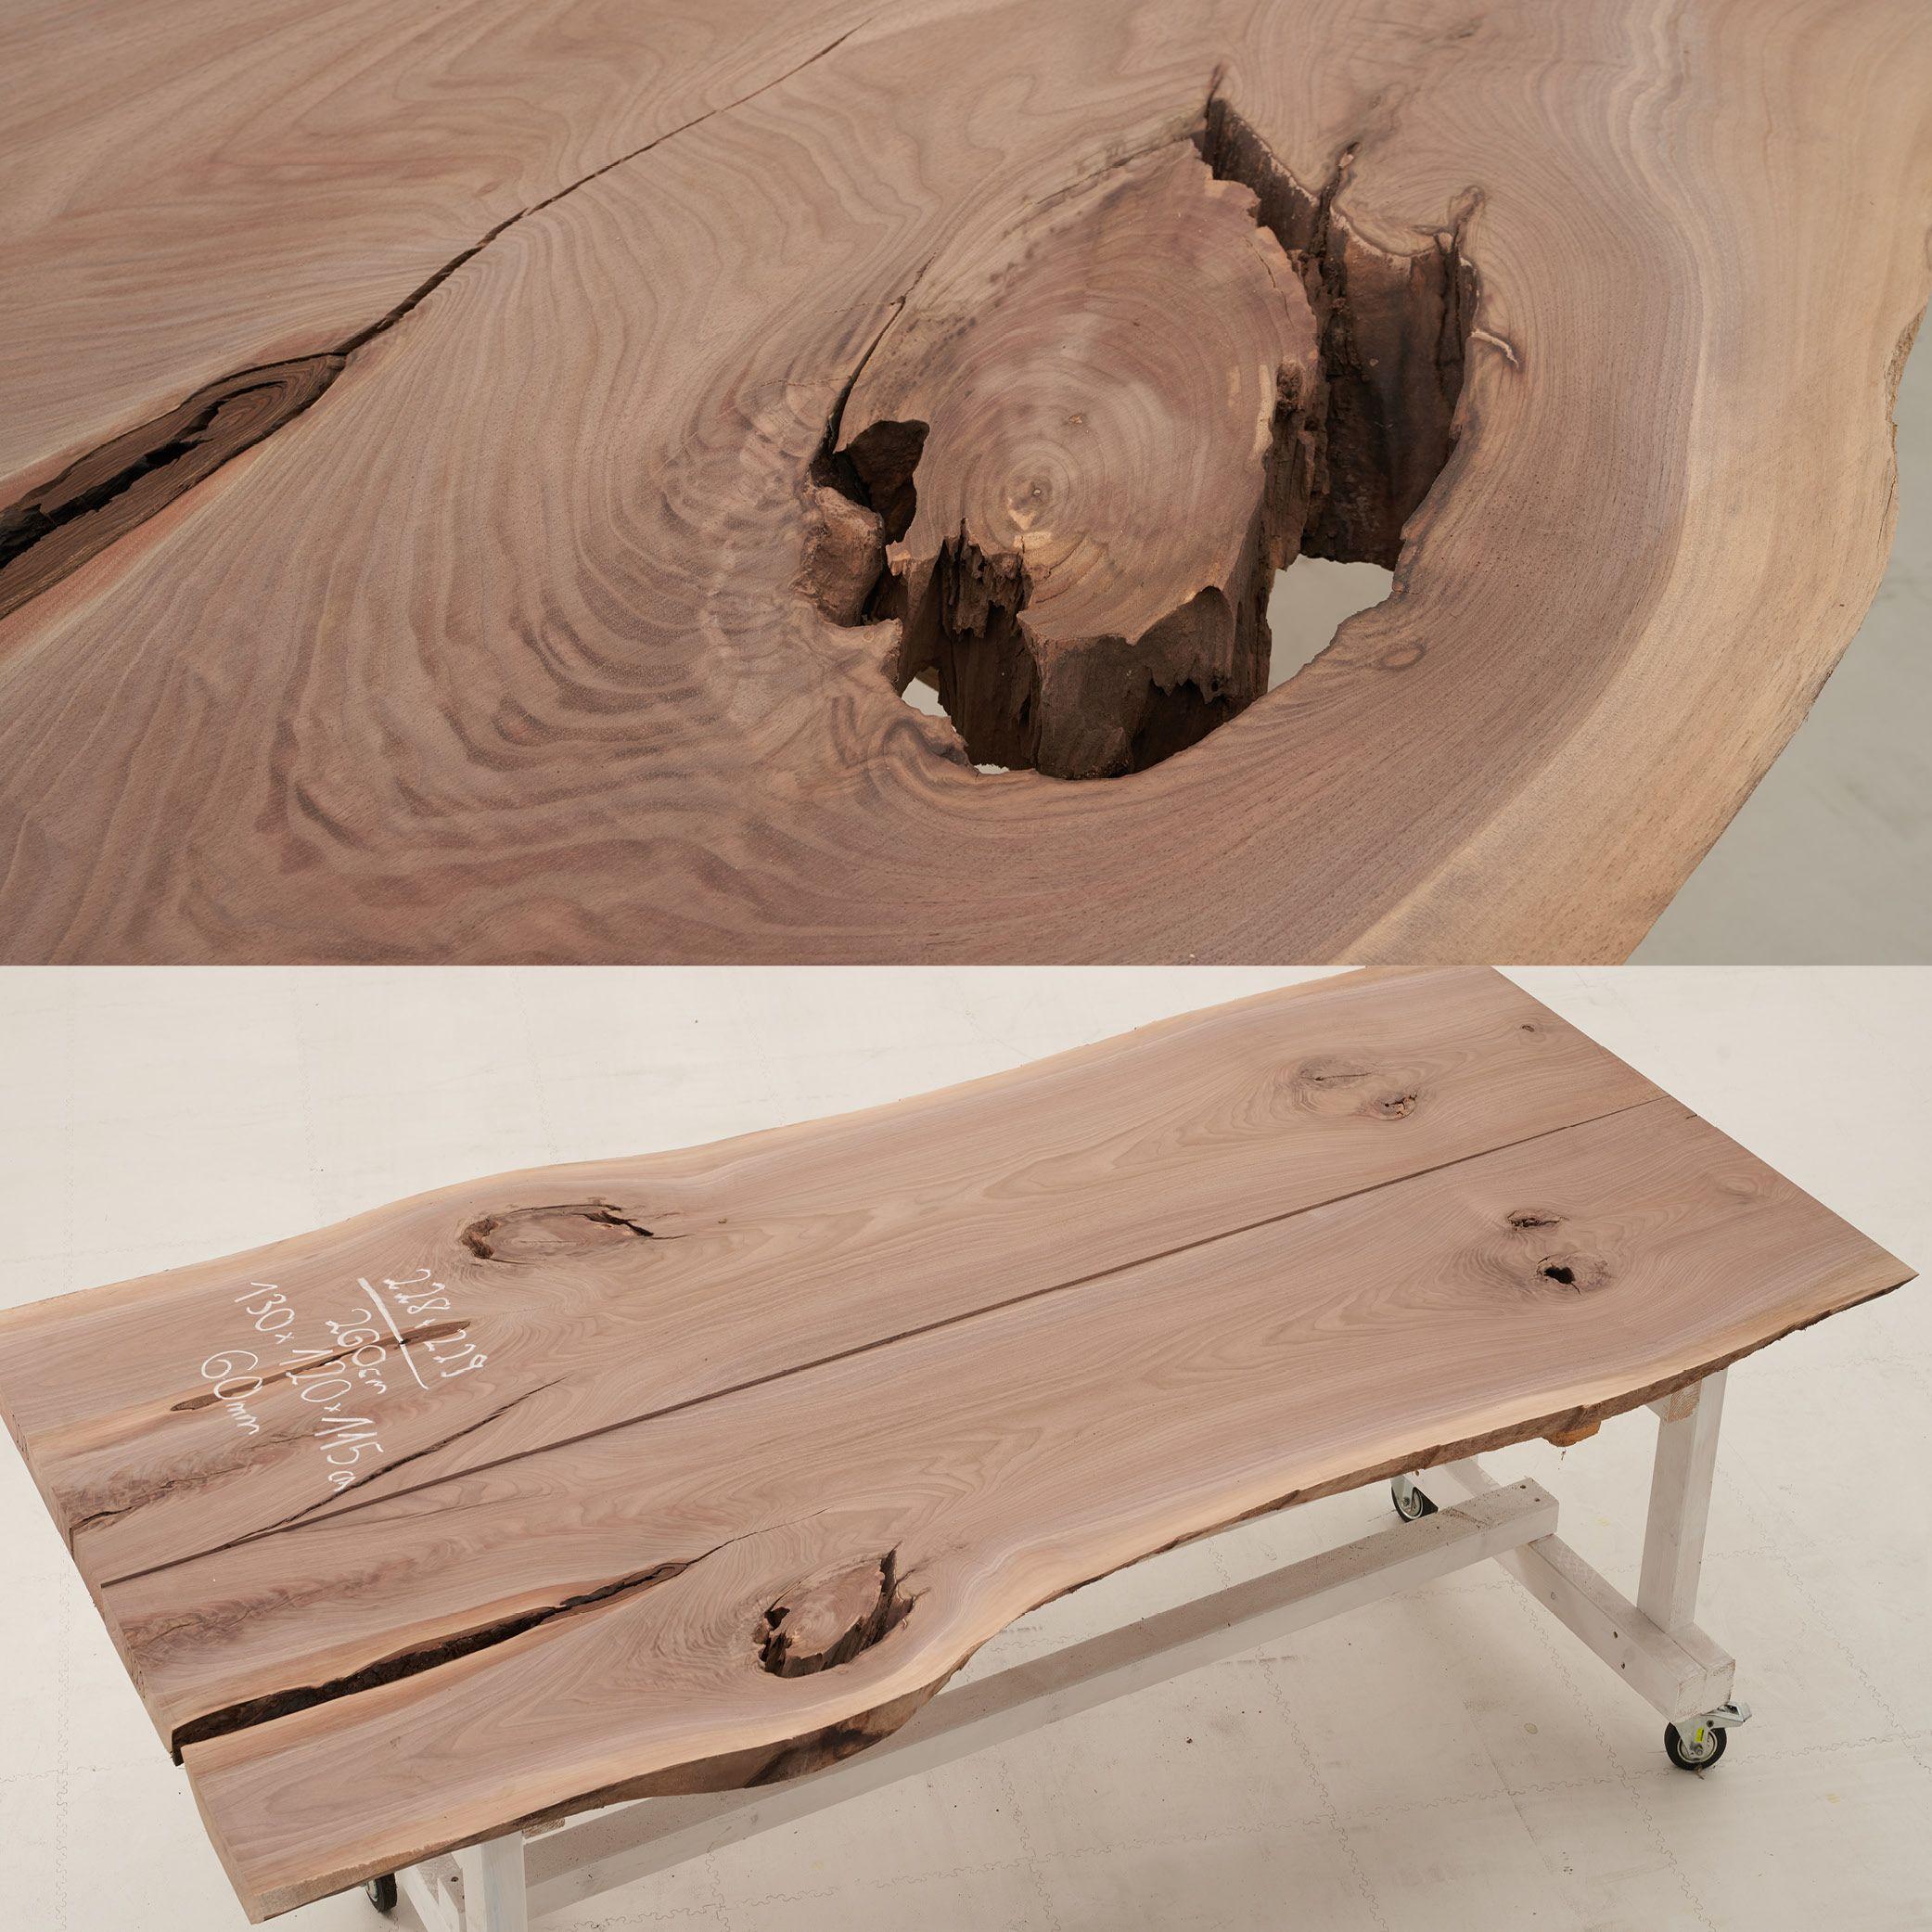 Zweiteilige Massivholztischplatte Aus Amerikanischem Nussbaum Https Www Tischplatten Kaufen Nussbaum Nussbaumtisch Ami In 2020 Massivholztisch Bad Tisch Holz